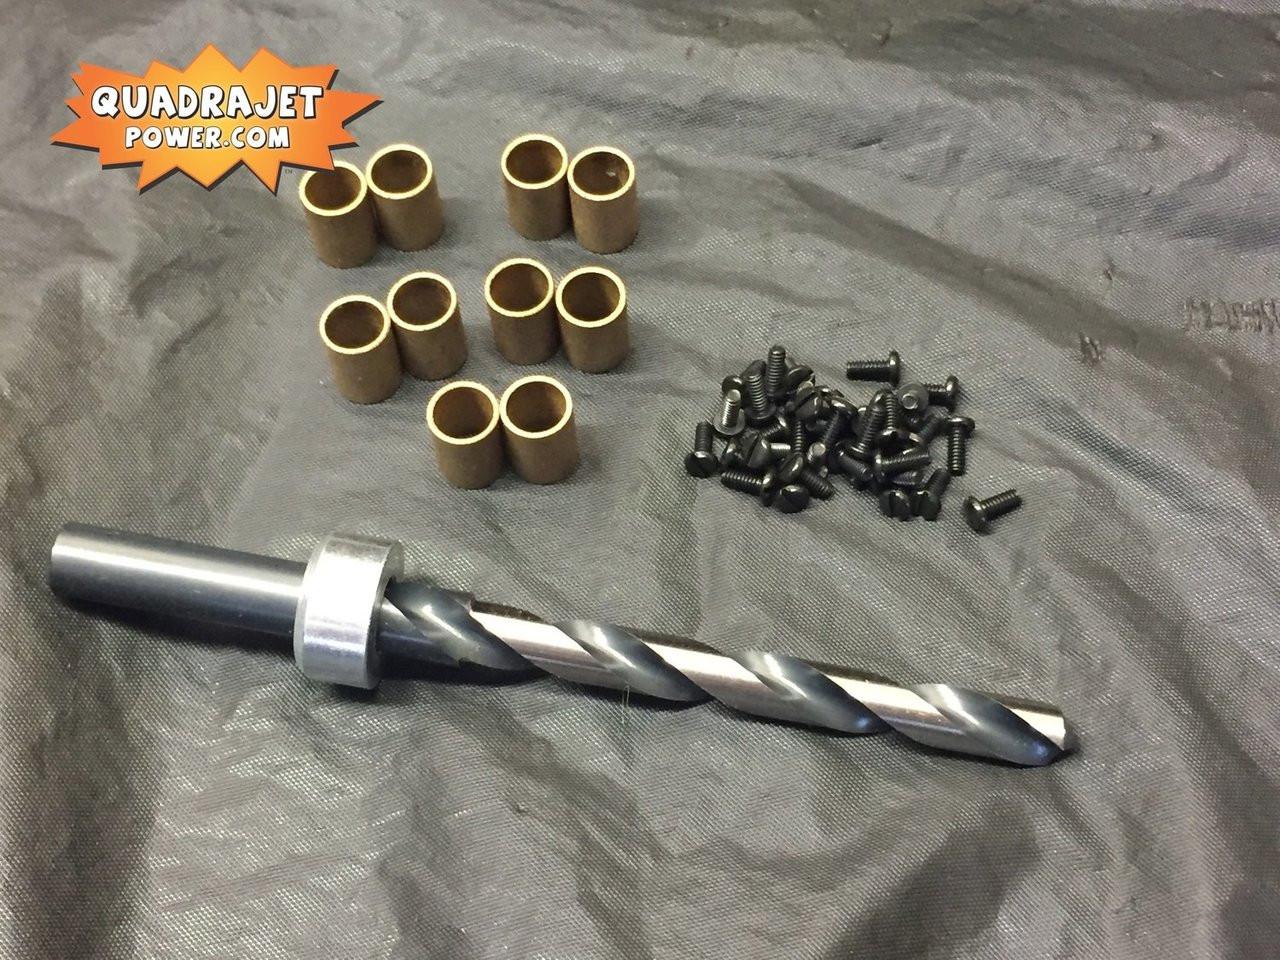 Primary shaft bushing kit, drill bit, bronze bushings, screws